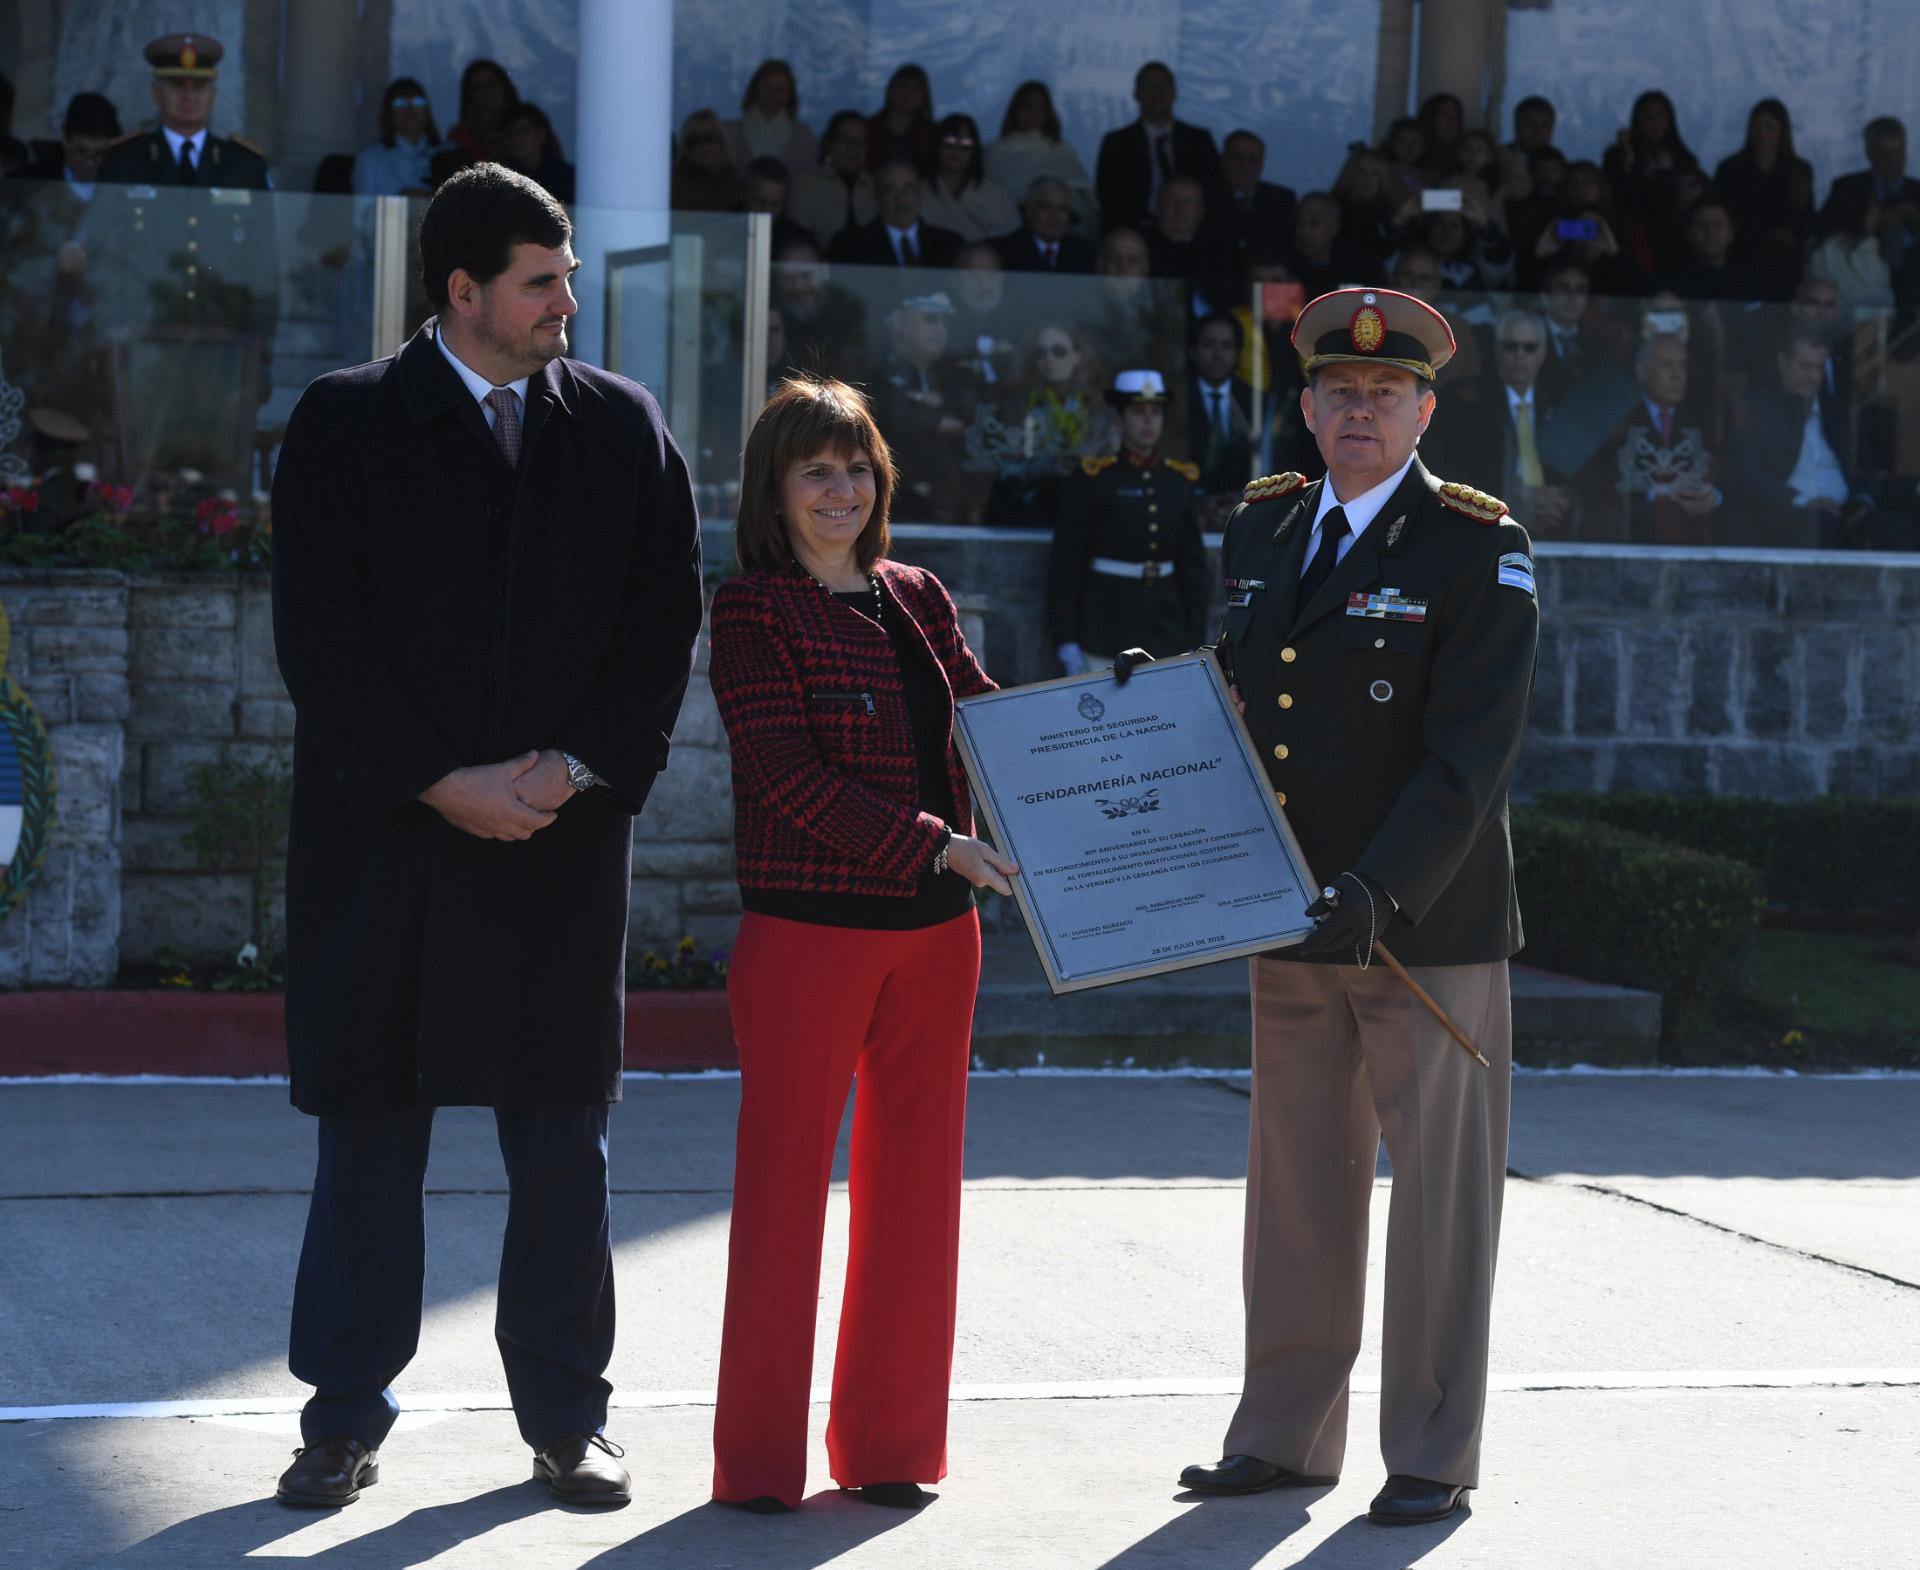 El secretario de Seguridad, Eugenio Burzaco, acompañó a la ministra Bullrich en la ceremonia